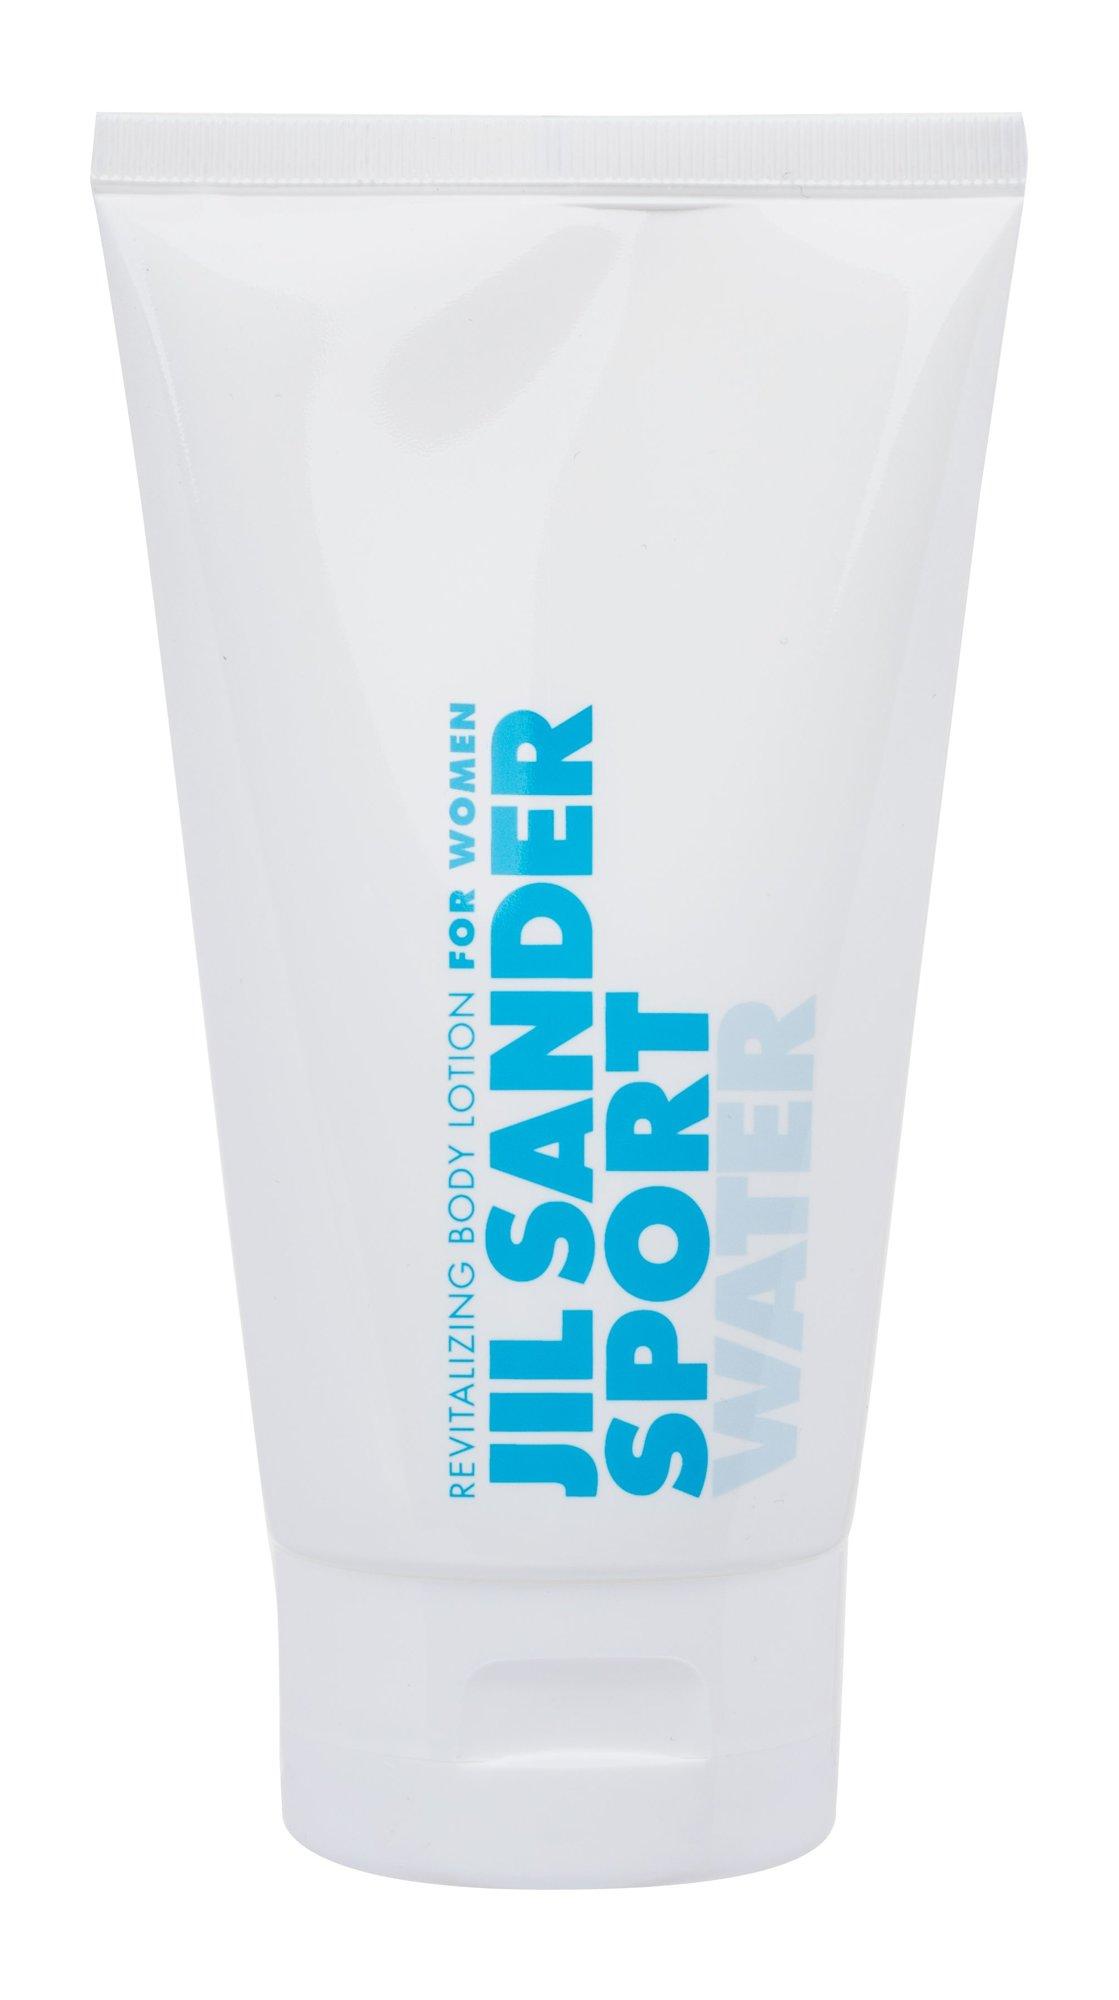 Jil Sander Sport Water Body Lotion 150ml